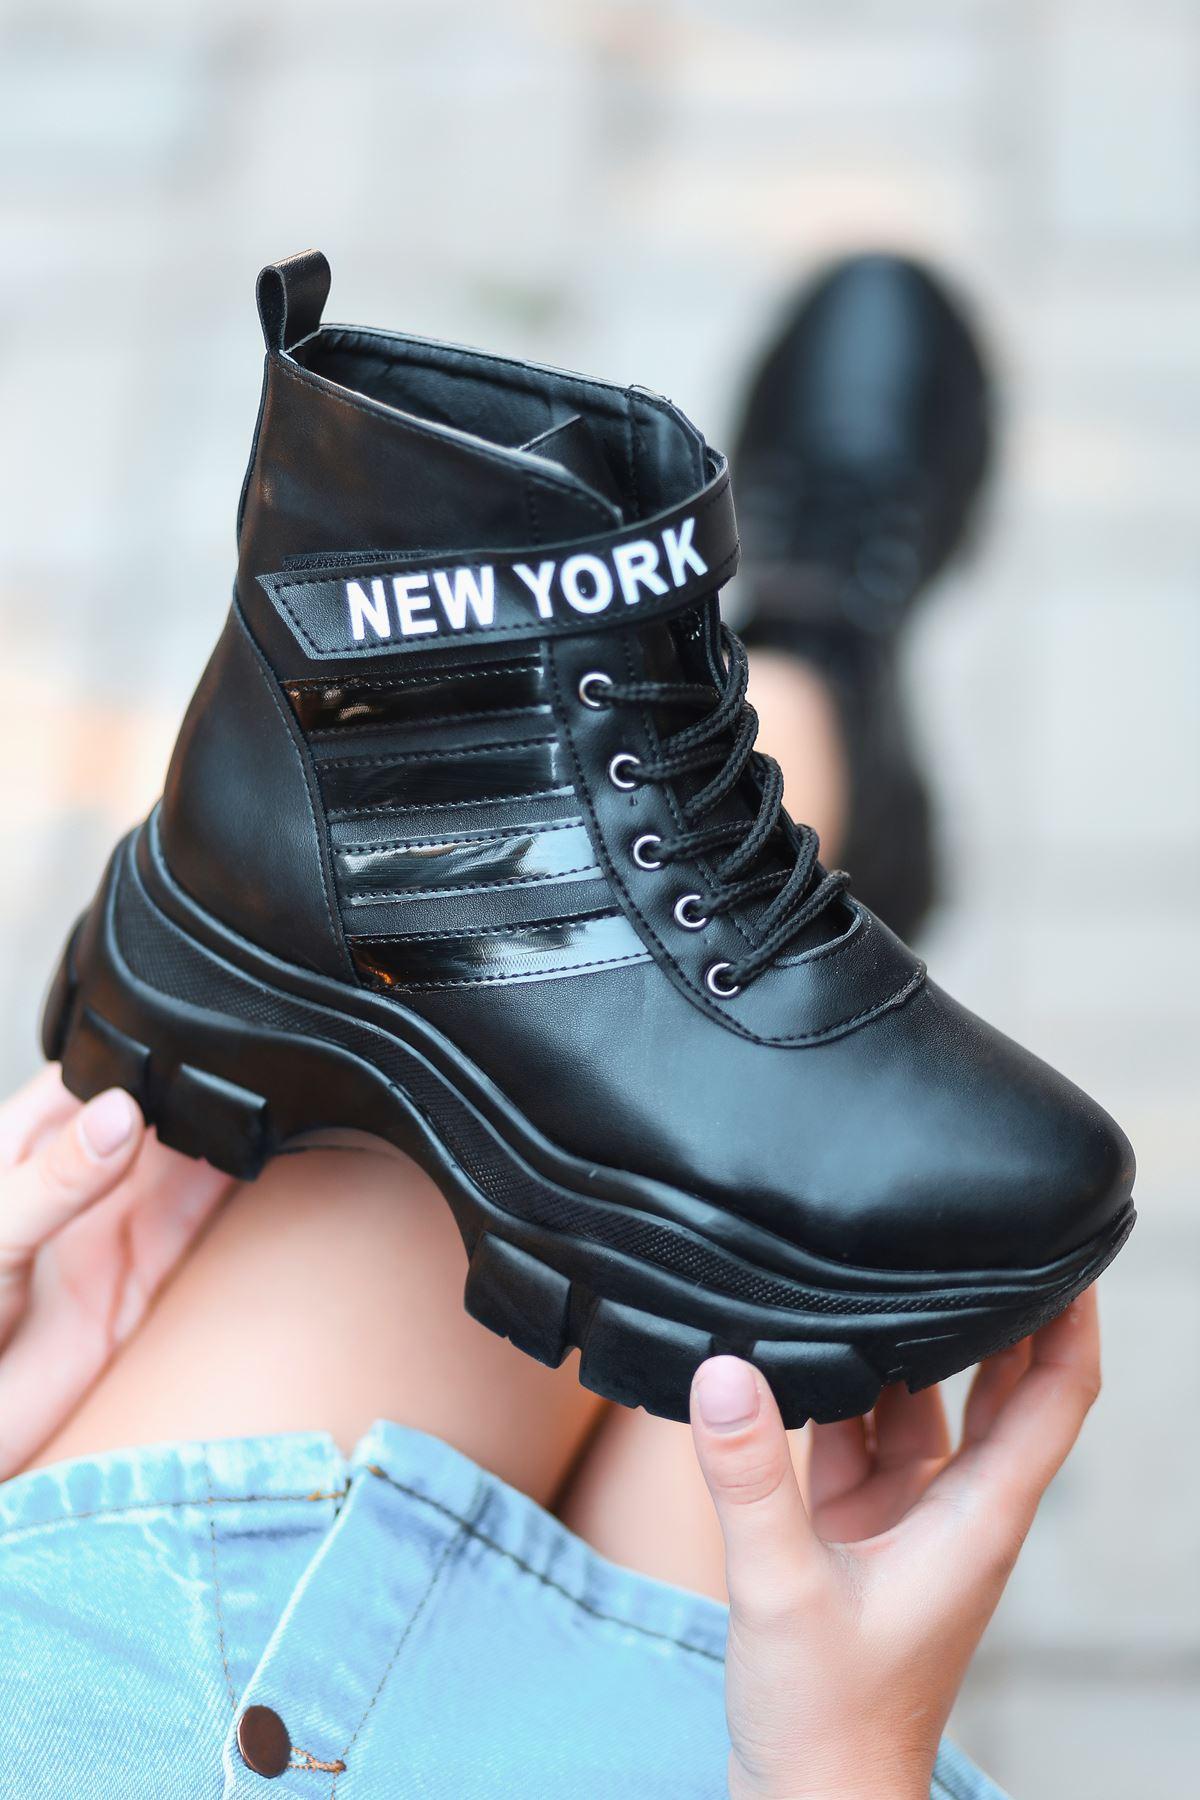 New York  Mat Deri Yazı Detay Spor Ayakkabı Siyah ST